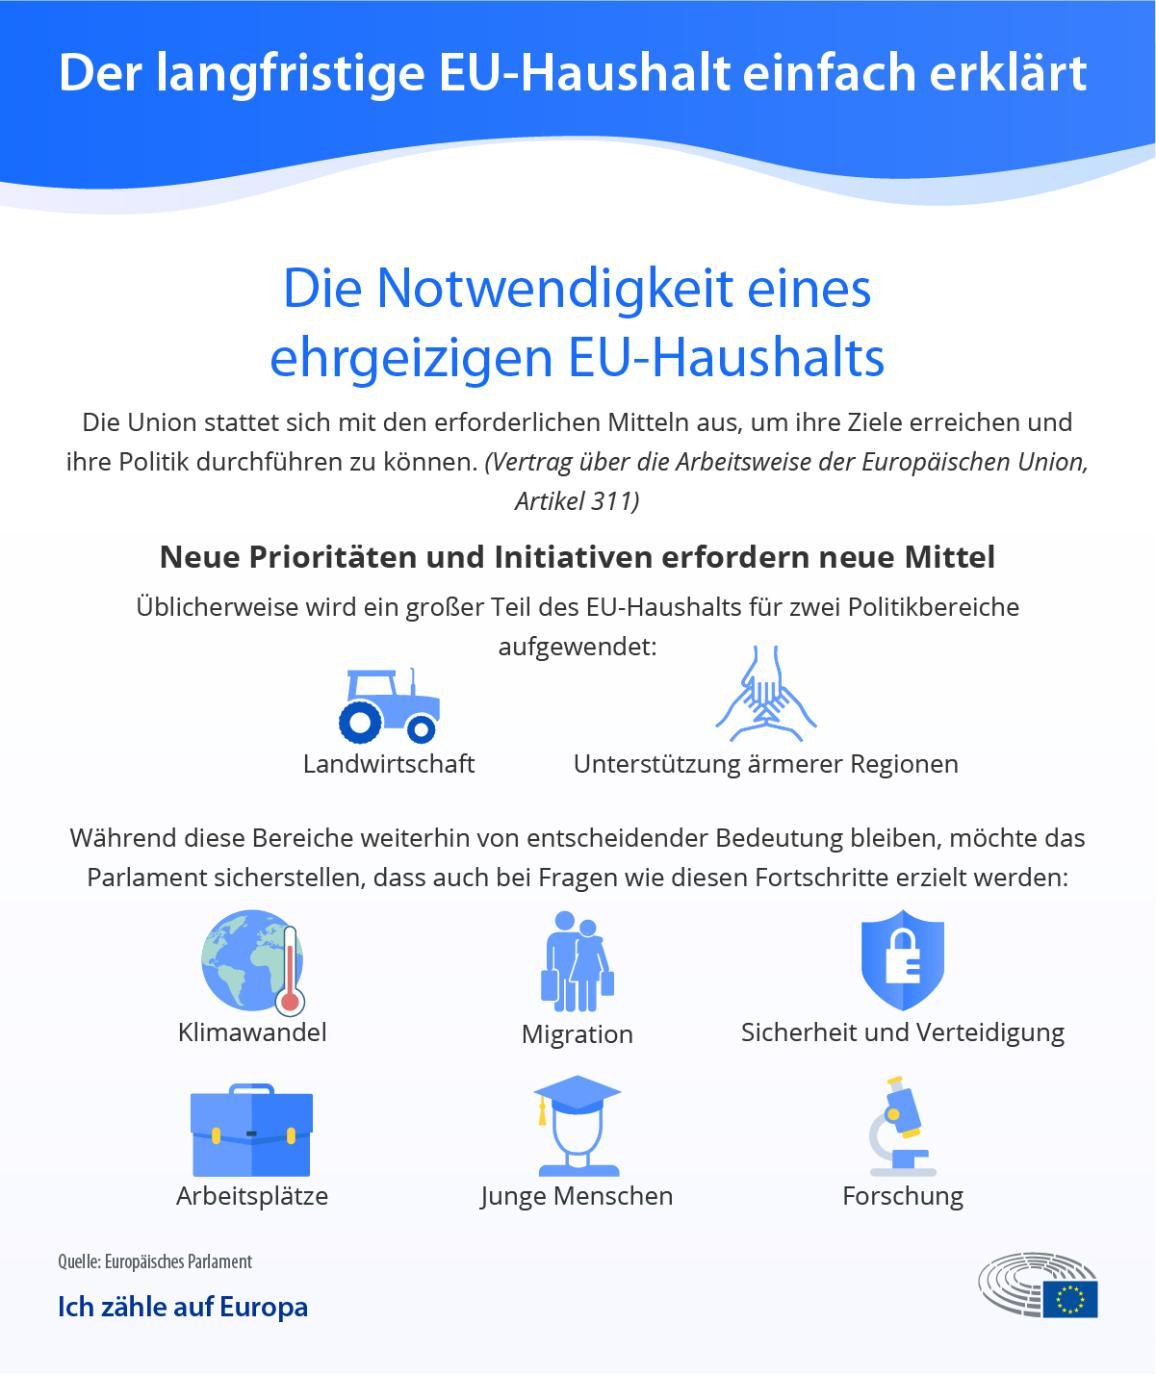 Diese Infografik des EU-Parlaments zu seiner Position für die Verhandlungen über den langfristigen  EU-Haushalt zeigt, welche Prioritäten neuer Mittel bedürfen